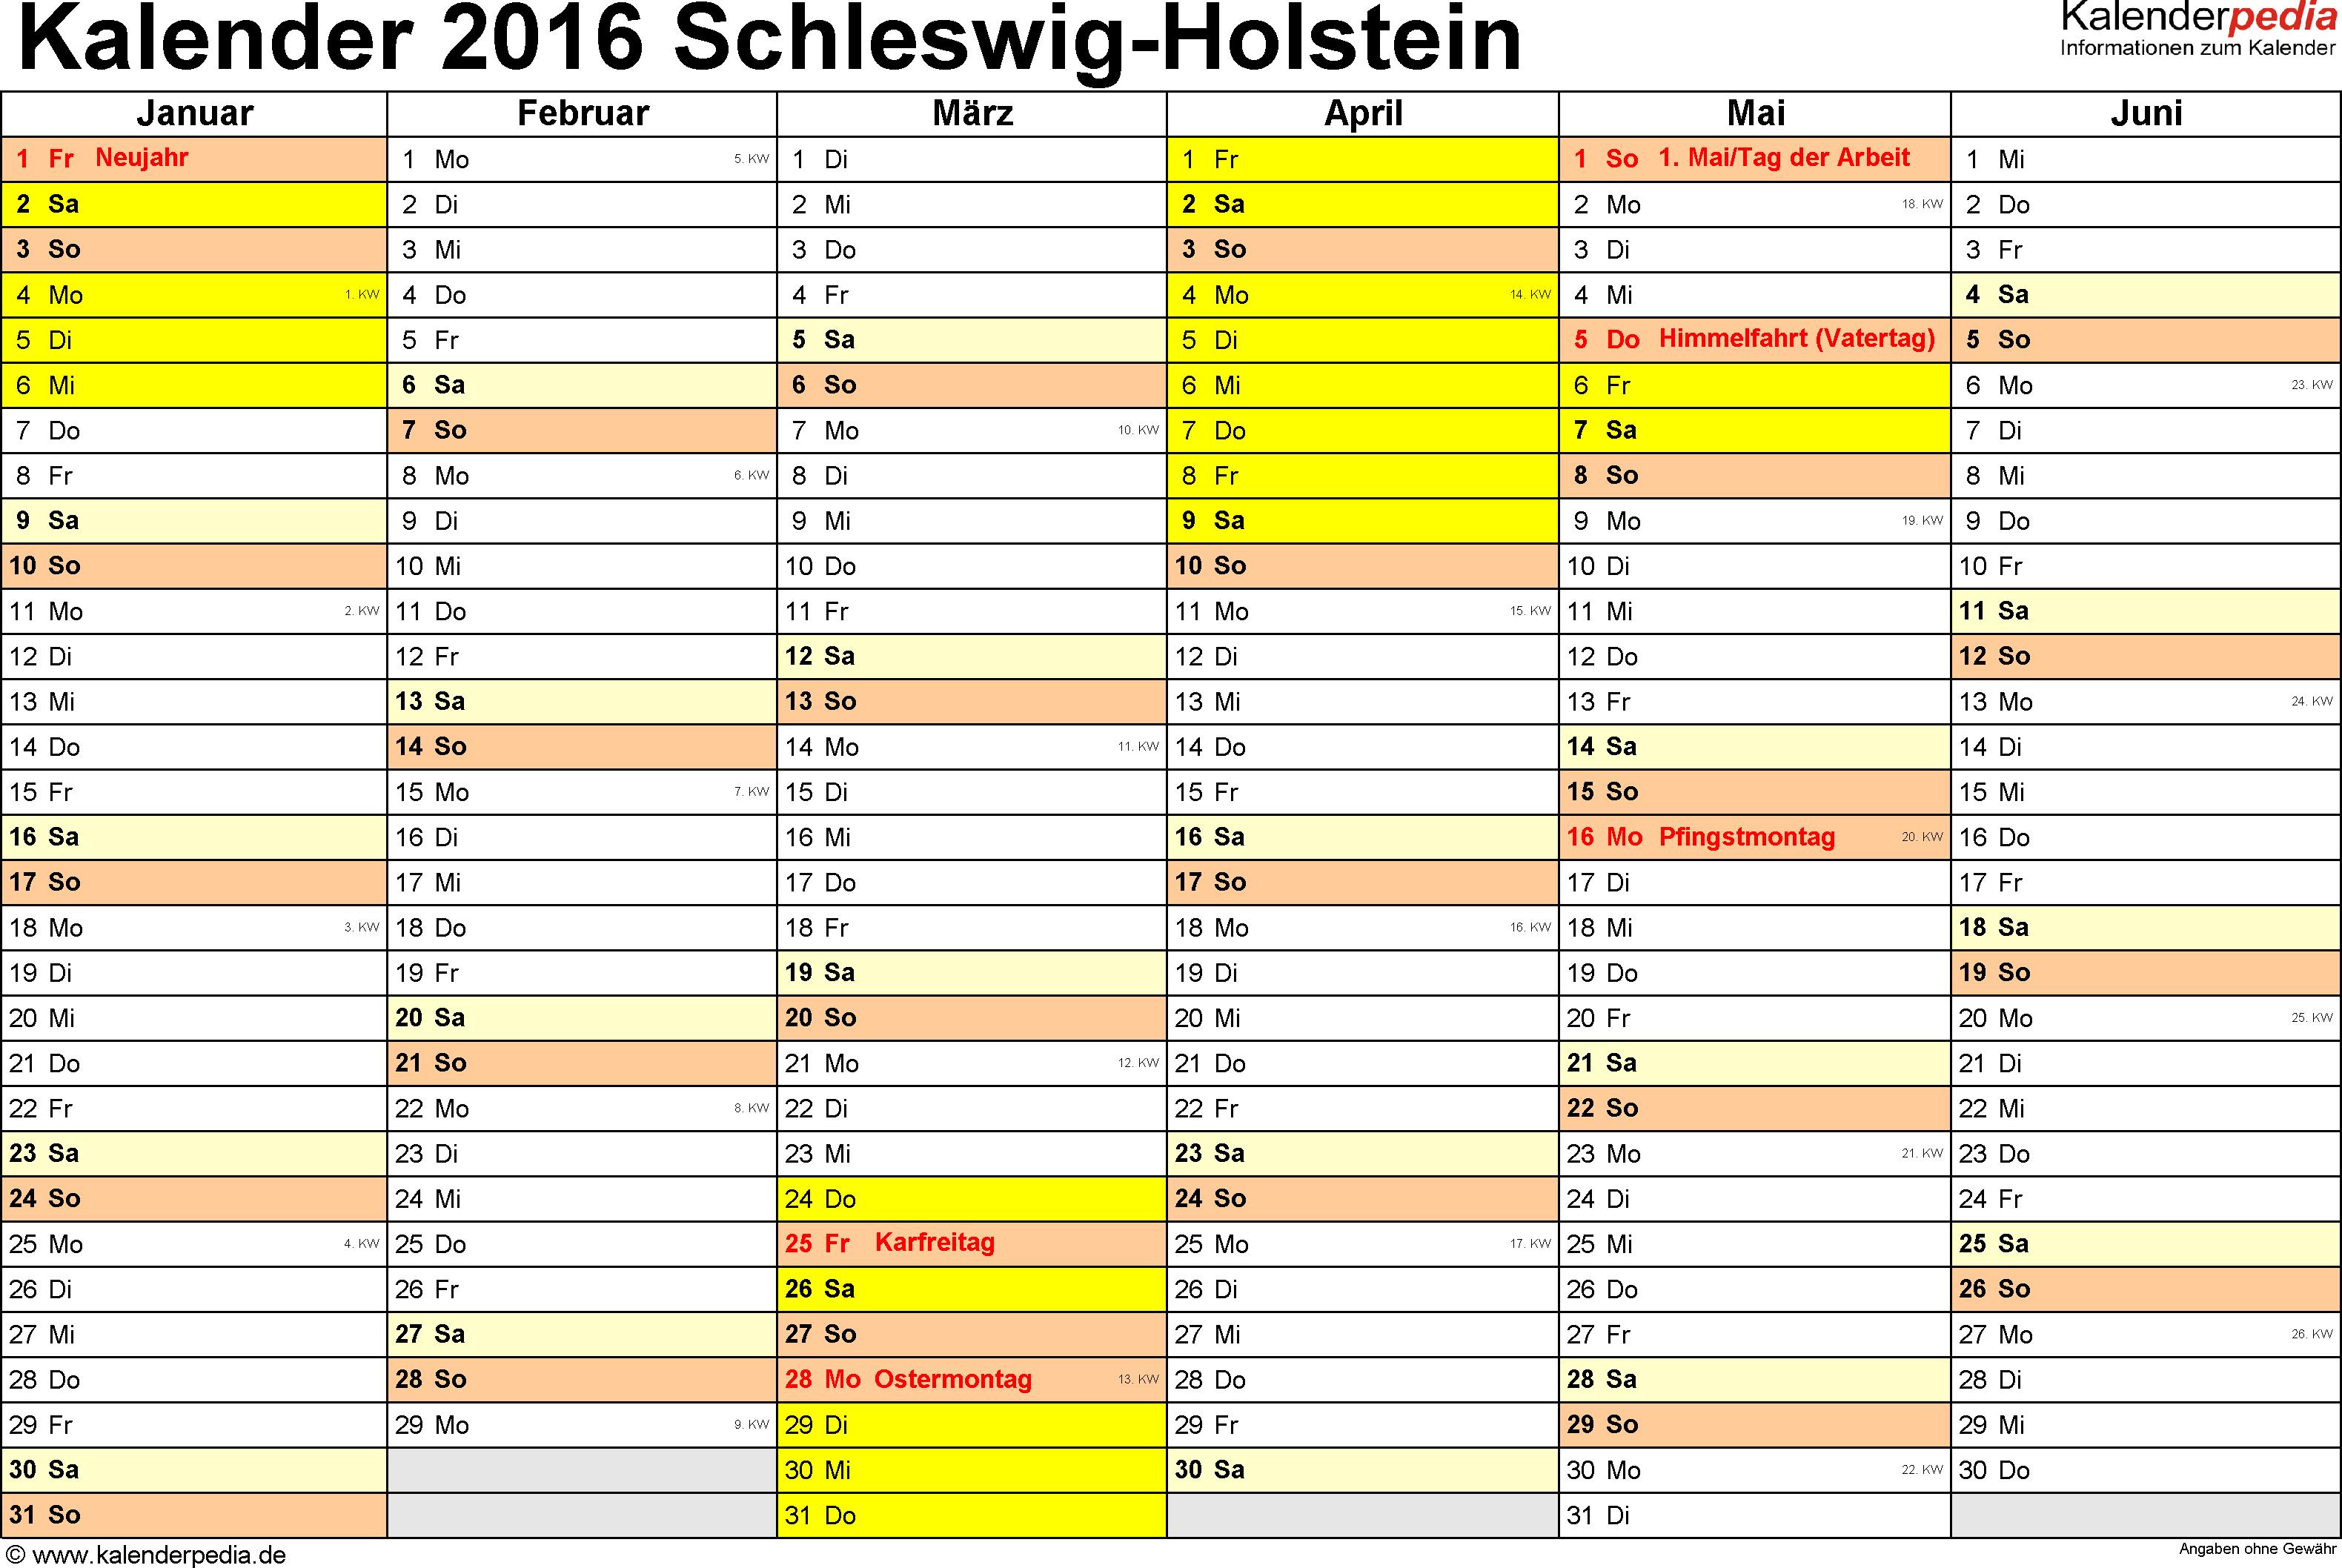 Vorlage 3: Kalender 2016 für Schleswig-Holstein als Excel-Vorlagen (Querformat, 2 Seiten)